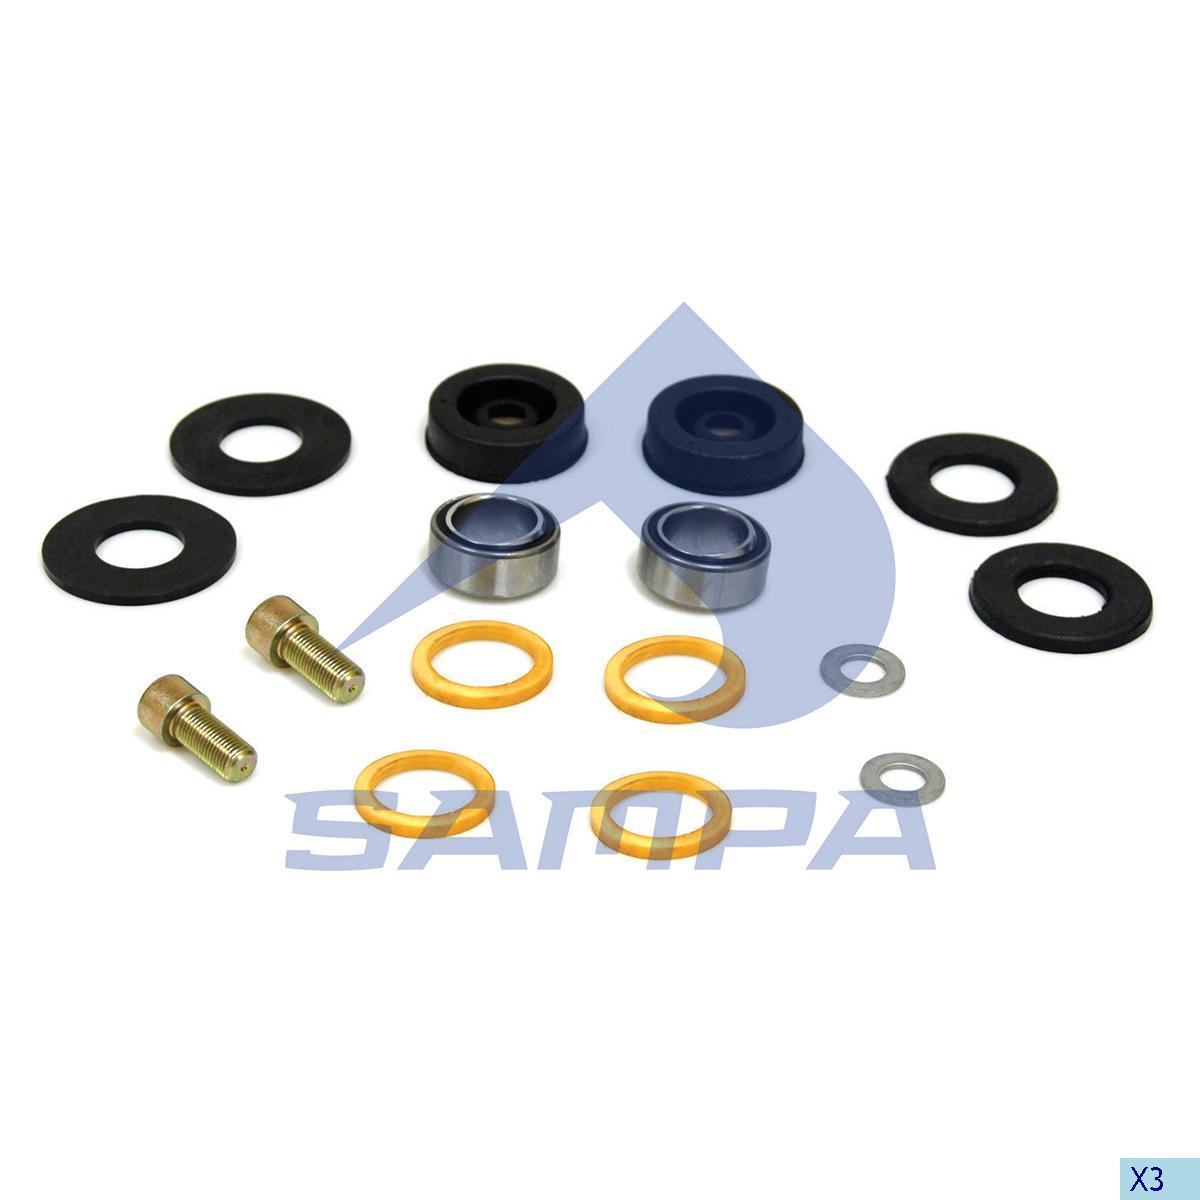 Repair Kit, Cab, Man, Cab